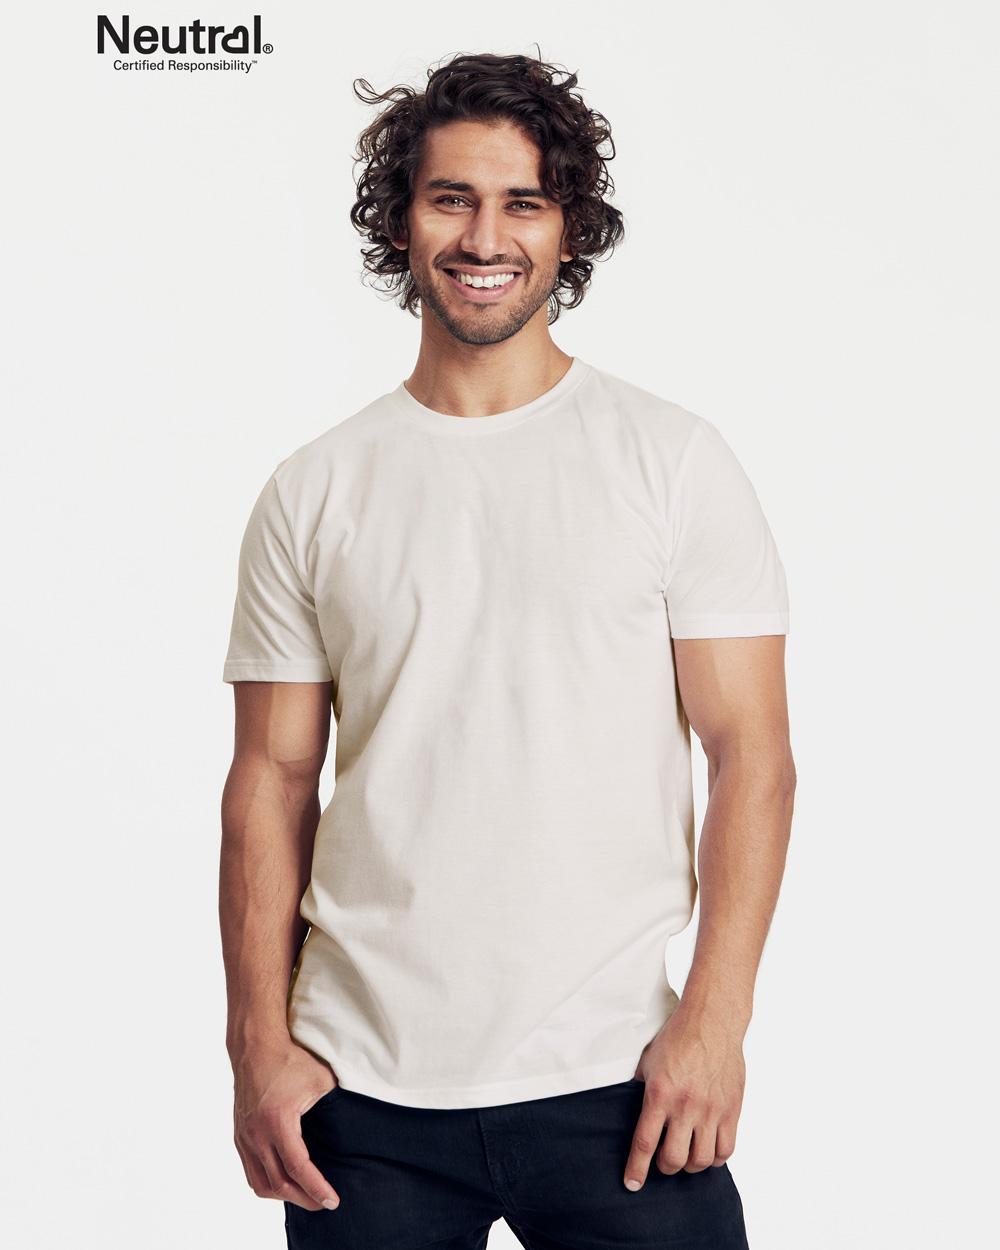 Hvit slightly fitted t skjorte 100 % økologisk bomull